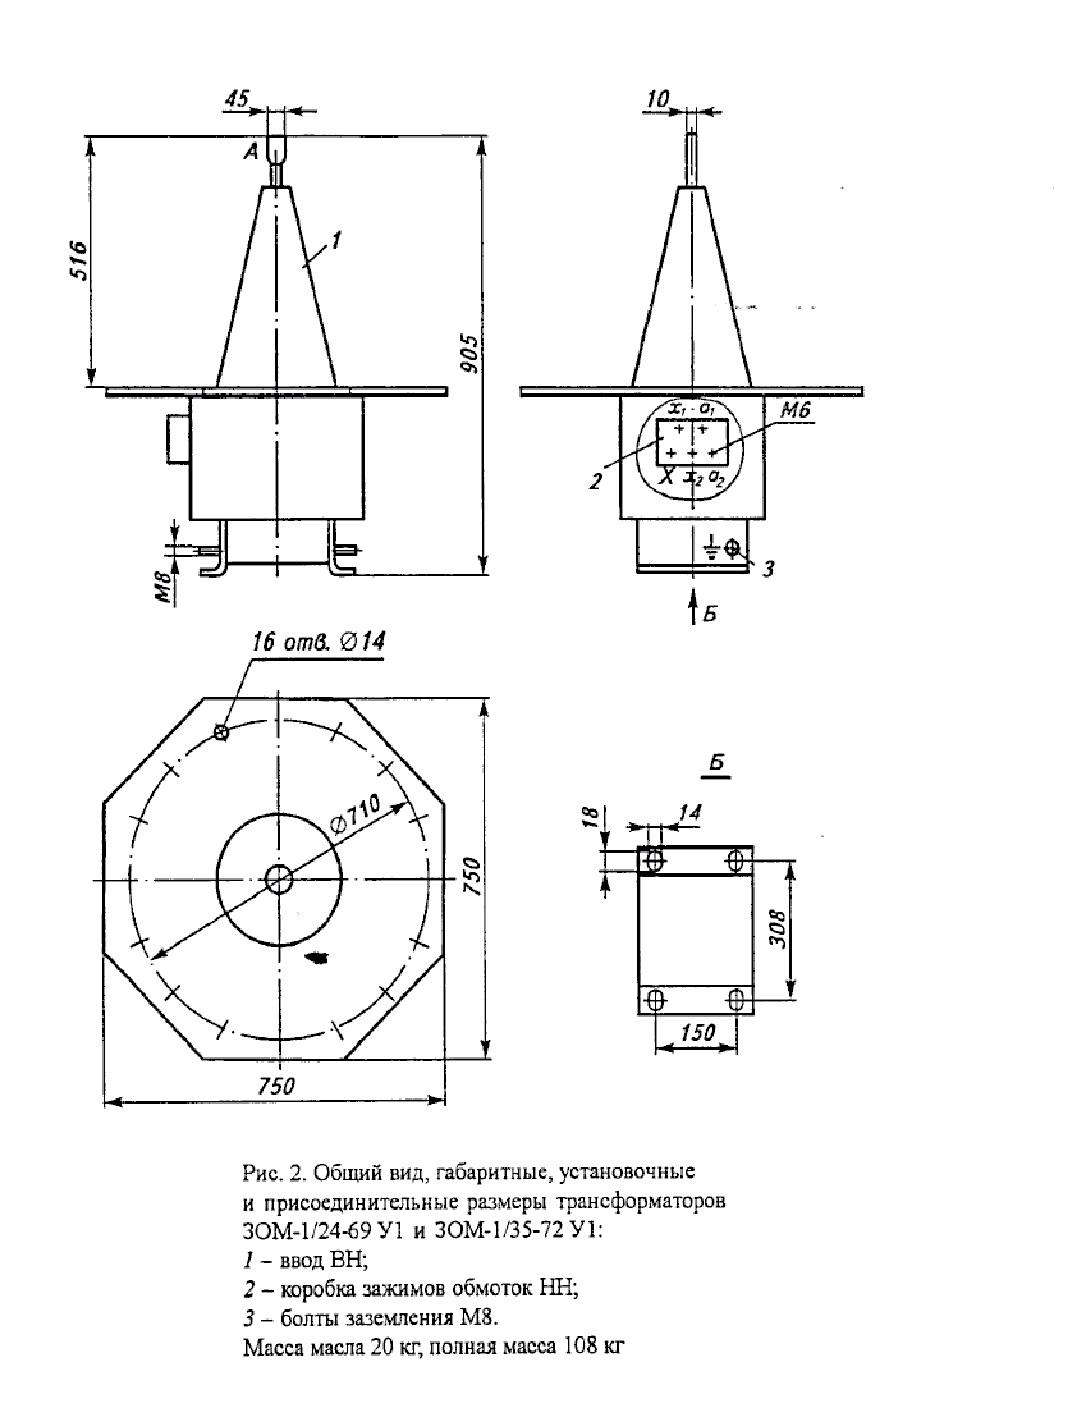 Однофазный масляный трансформатор серии ЗОМ